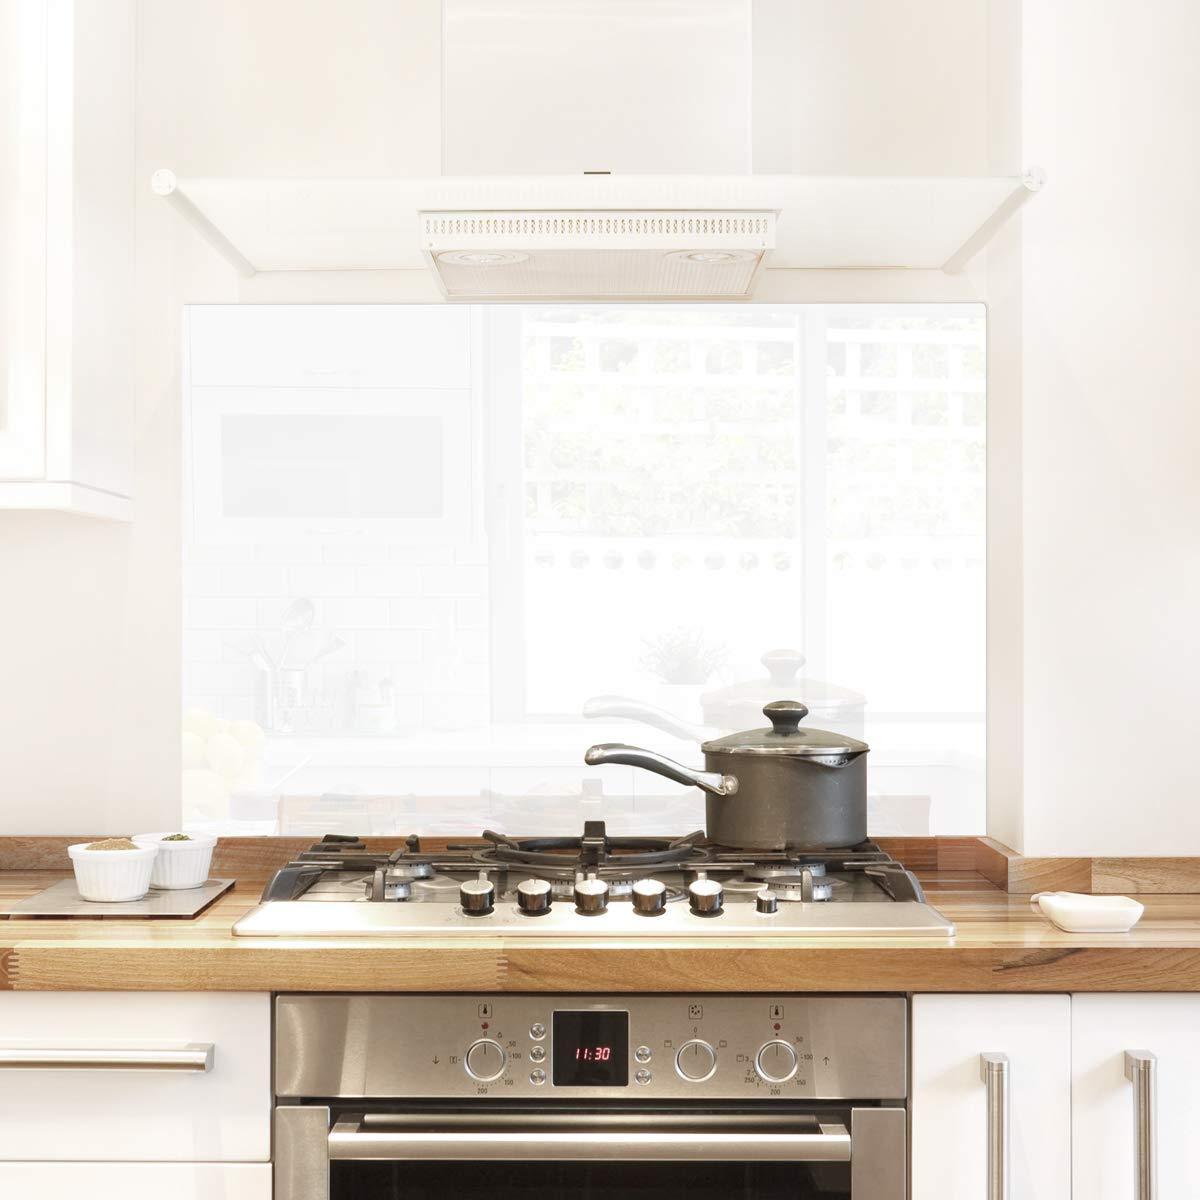 Pantalla antisalpicaduras de cristal/Panel de vidrio templado para cocina, 100 x 60 cm, Blanco, UltraClear ® Glass: Amazon.es: Hogar